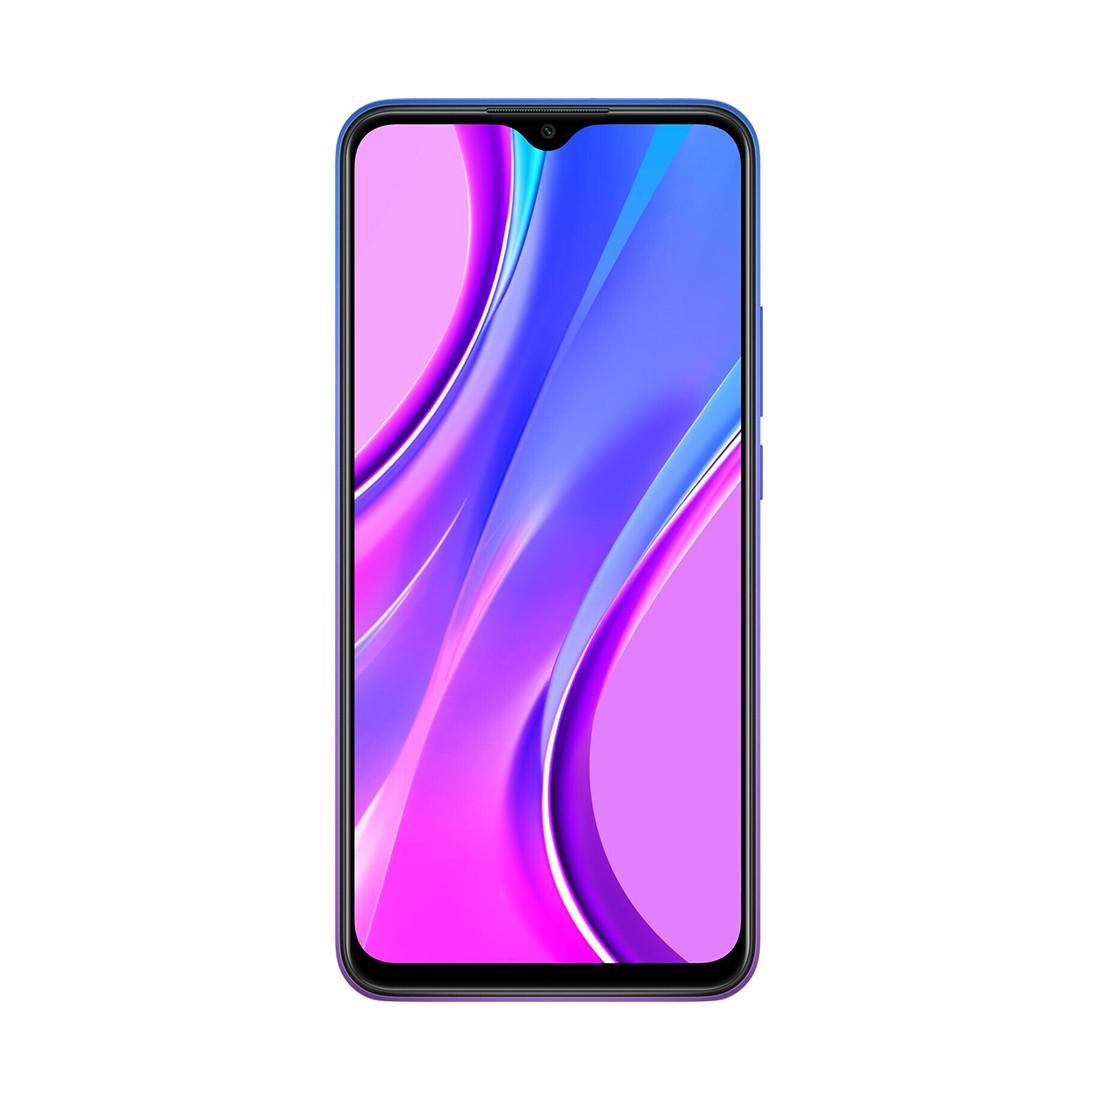 Мобильный телефон Xiaomi Redmi 9 64GB Sunset Purple - фото 1